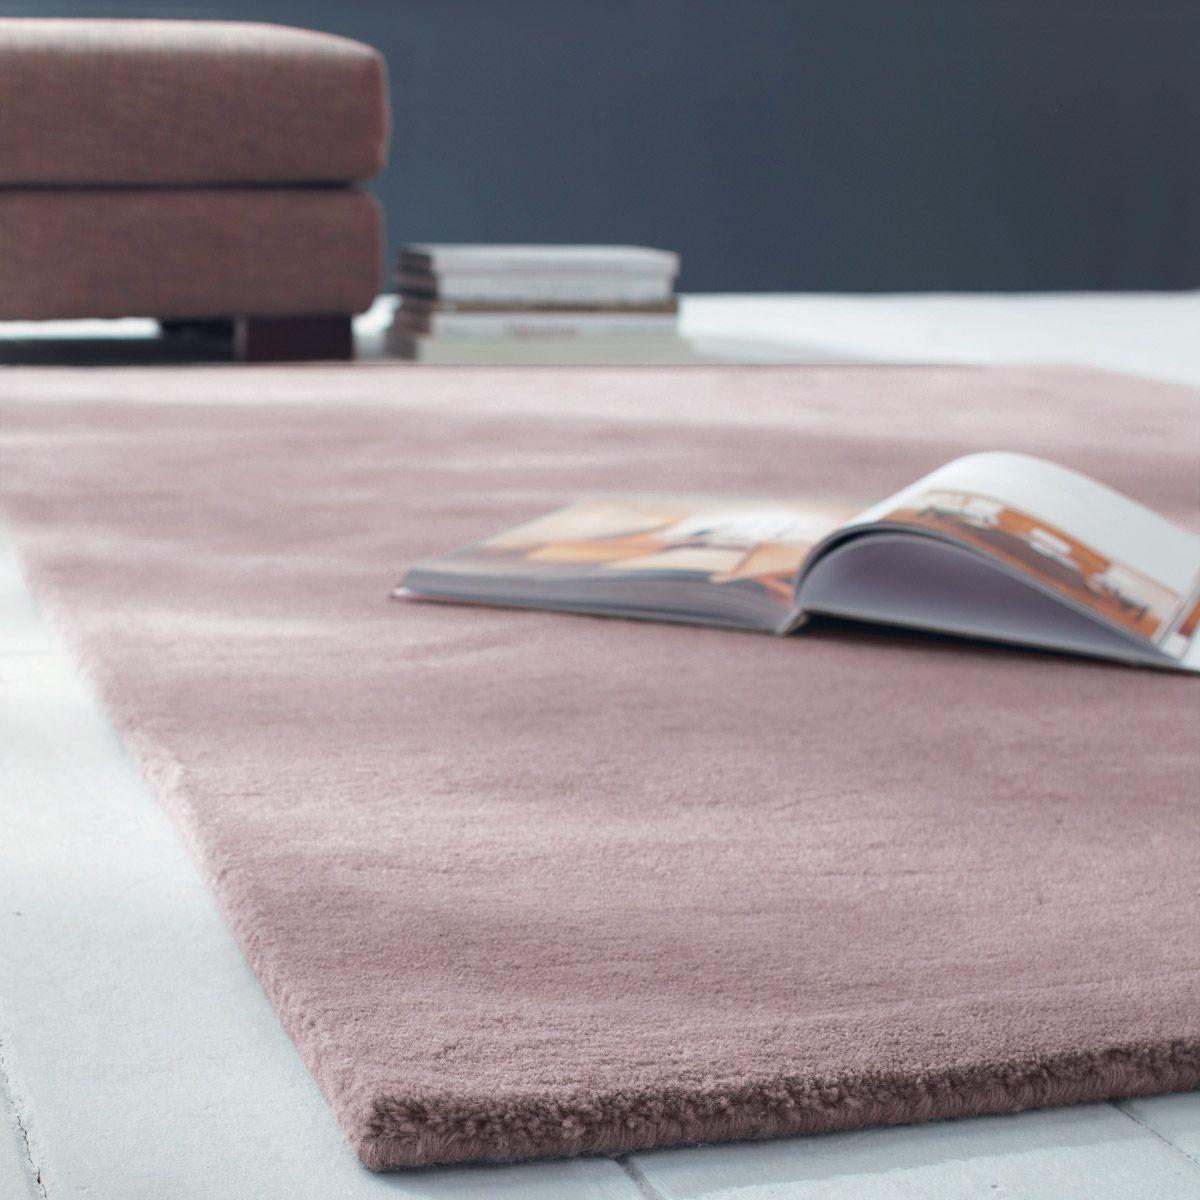 DekoTextilien Teppich rosa, Klassische teppiche und